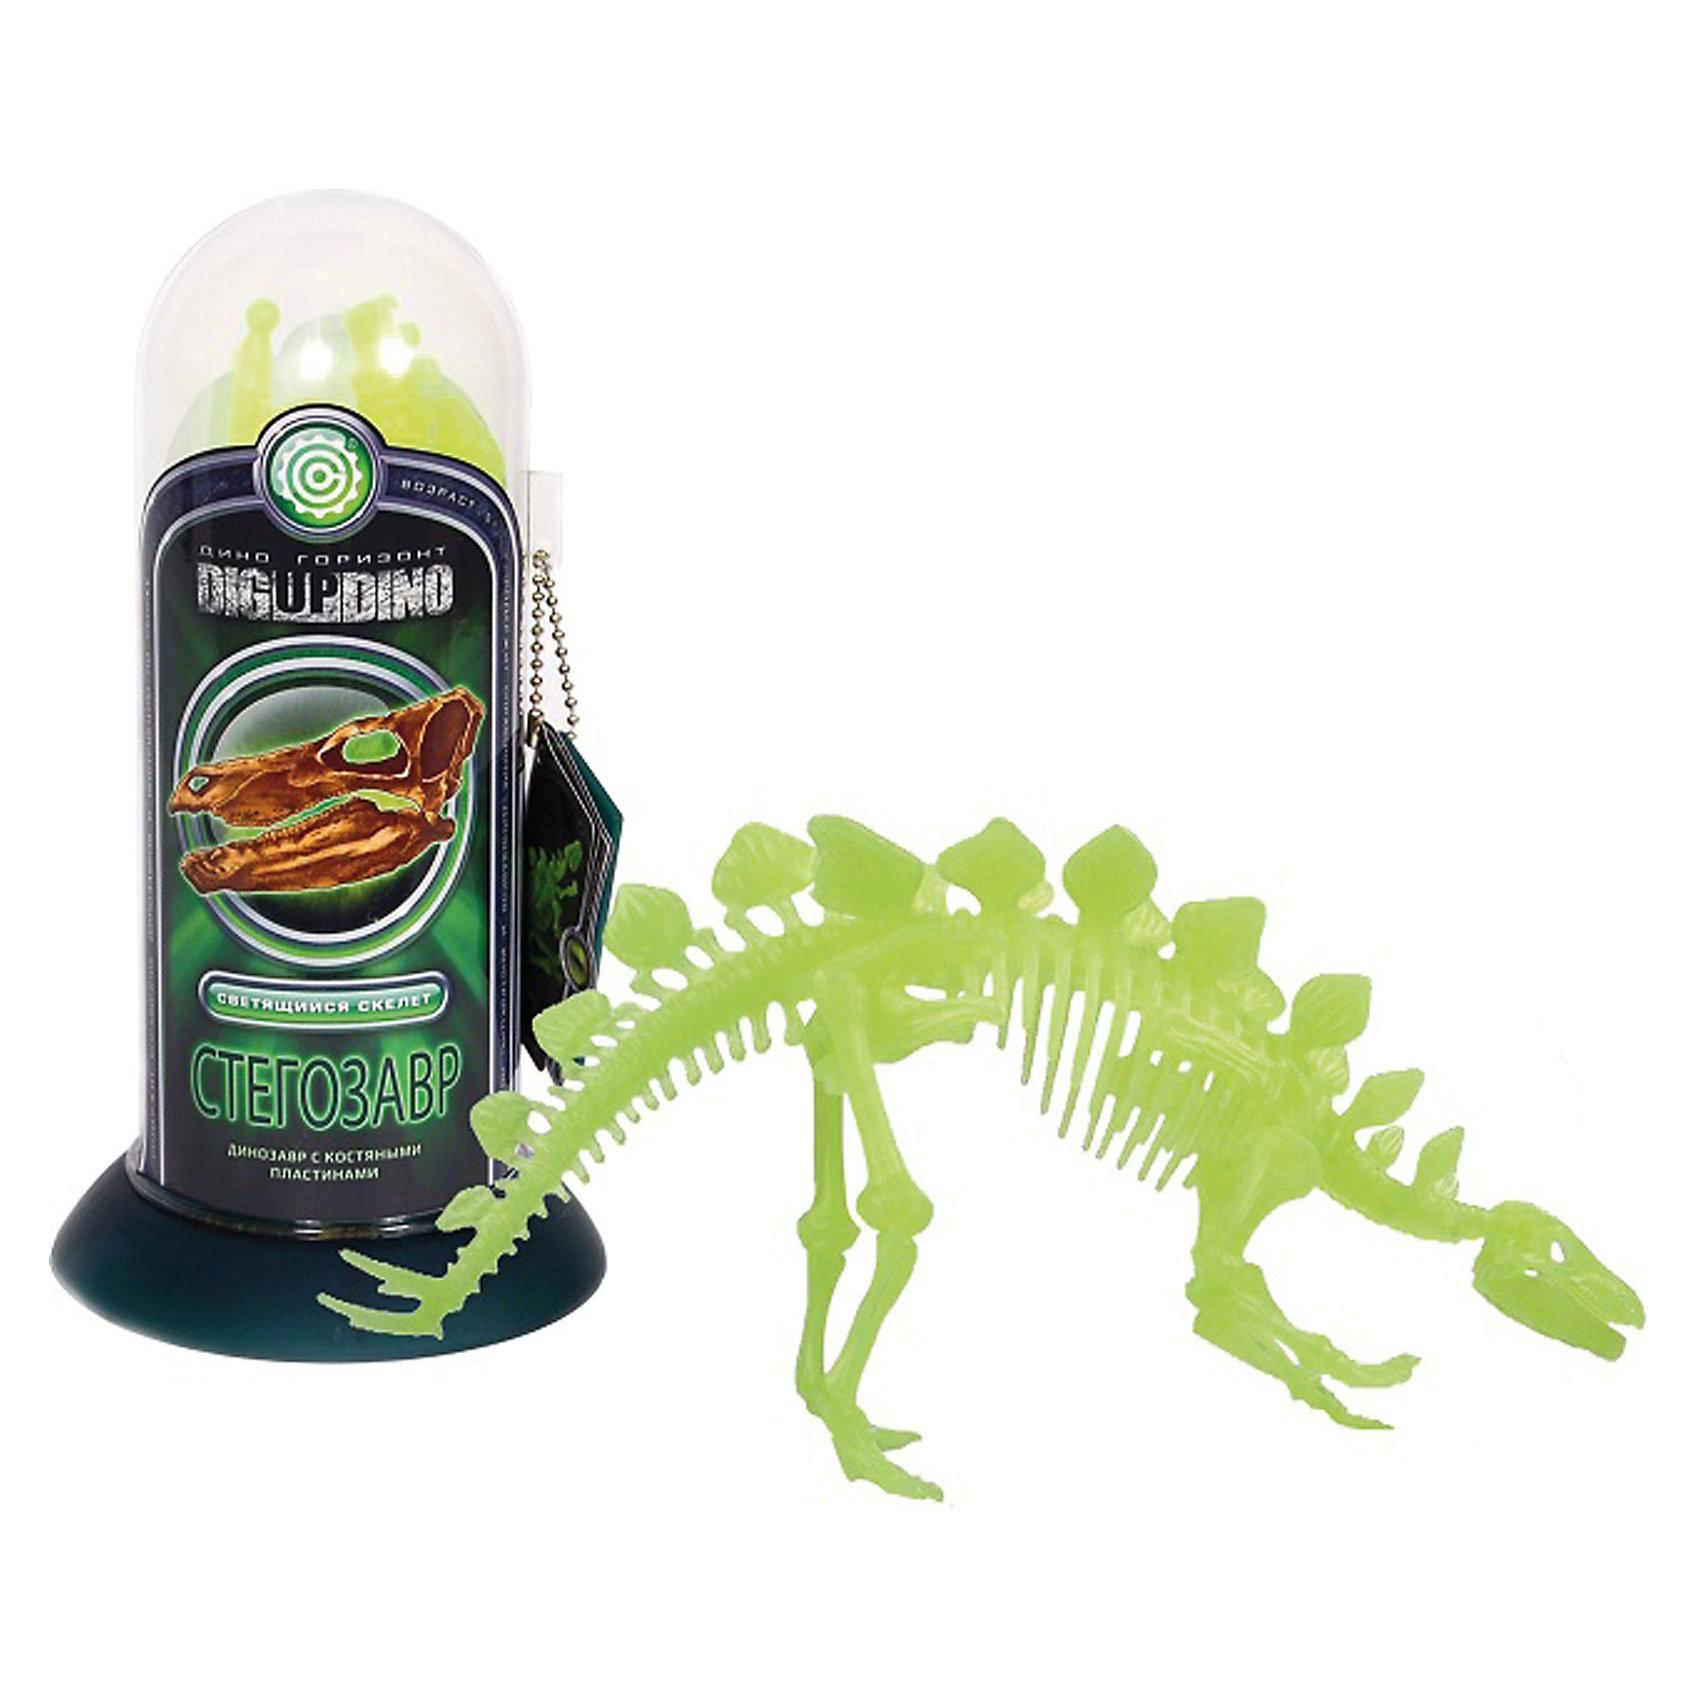 Раскопки: Стегозавр (Светящийся скелет - самого крупного чешуйчатого динозавра)Профессор Эйн - это серия увлекательных наборов для проведения различных опытов и экспериментов  в домашних условиях. <br><br>С помощью набора Раскопки: Раскопки: Стегозавр (Скелет самого крупного чешуйчатого динозавра) вместе с профессором Эйном Вы можете почувствовать себя настоящим археологом.  Загадочный мир динозавров ведь это так интересно и интригующе! <br>  В наборе уменьшенная копия динозавра  Стегозавр  от лат. Stegosaurus — «крышеящер» — род позднеюрских травоядных динозавров, существовавший 155—145 млн лет назад<br> <br>Наглядная модель скелета доисторического существа Стегозавра, полностью даст представление о его строении. Скелет светится в темноте.<br><br>Соберите коллекцию из динозавров и почувствуйте себя настоящим исследователем древности. <br><br>Набор содержит справочник Профессора Эйна из останков динозавров.<br><br>Размеры: 9 х 18 х 9 см<br><br>Раскопки: Стегозавр (Скелет самого крупного чешуйчатого динозавра)  - можно купить в нашем интернет магазине.<br><br>Ширина мм: 90<br>Глубина мм: 90<br>Высота мм: 175<br>Вес г: 144<br>Возраст от месяцев: 60<br>Возраст до месяцев: 144<br>Пол: Мужской<br>Возраст: Детский<br>SKU: 3344333